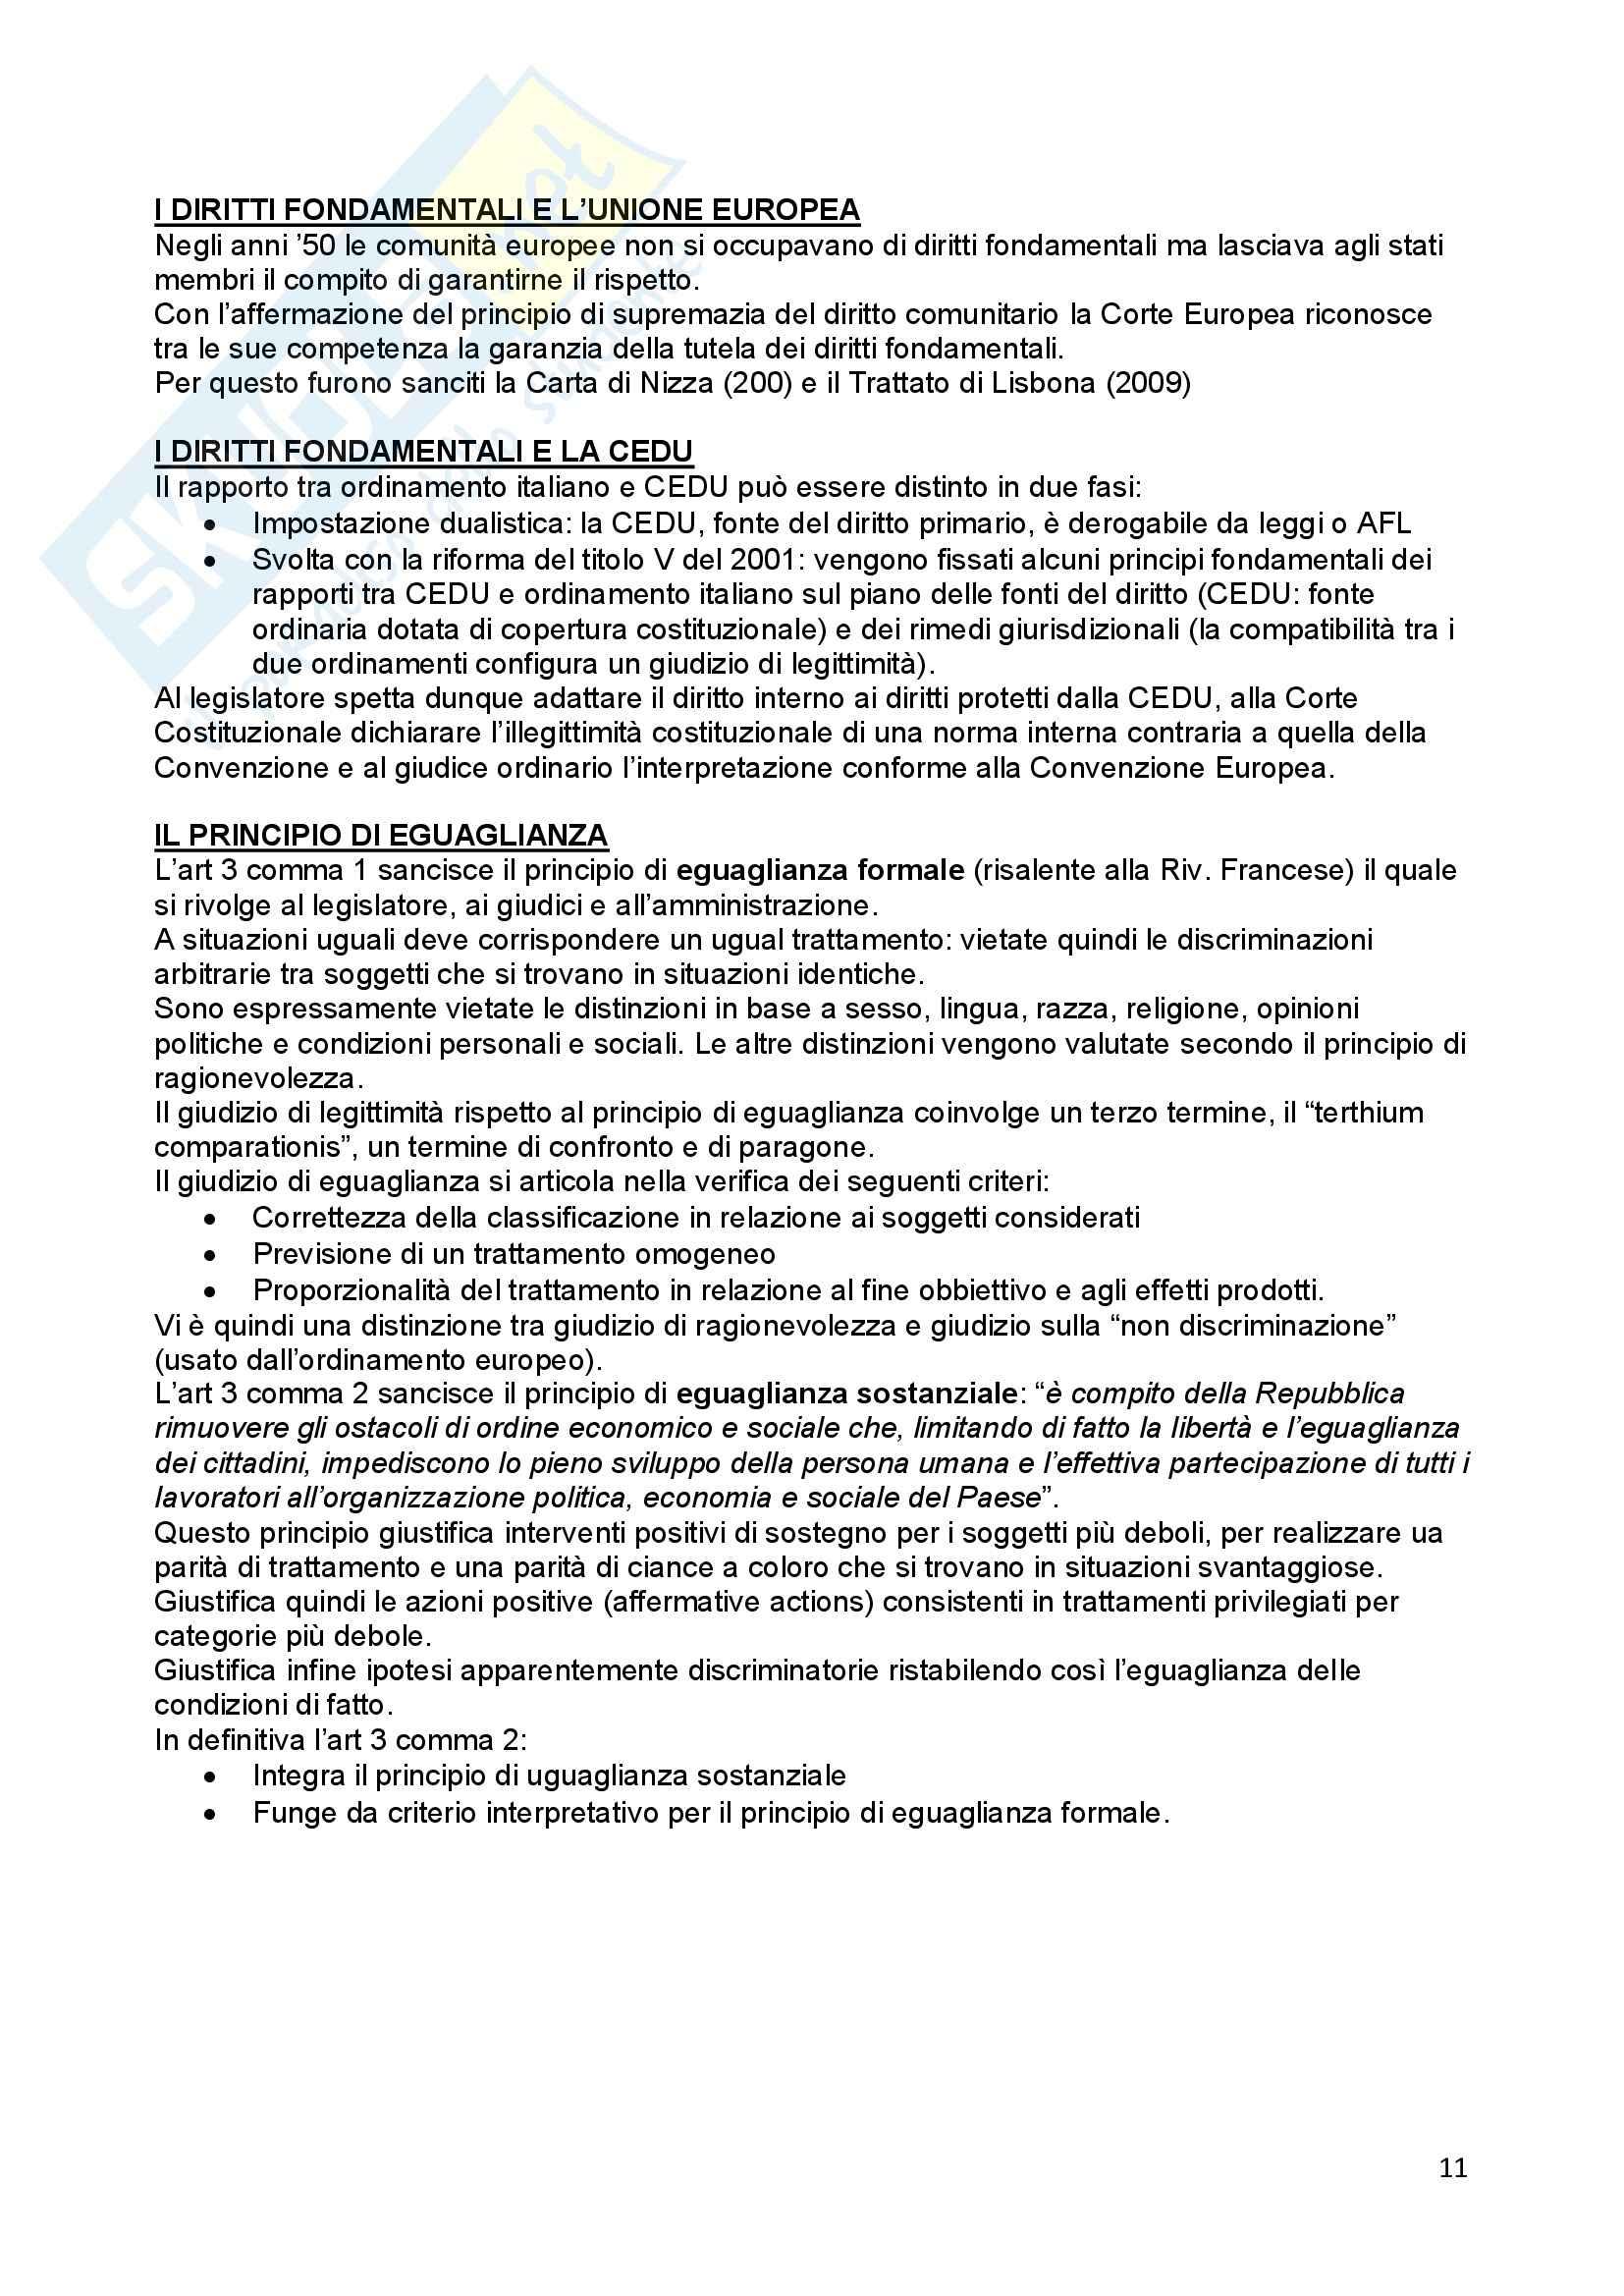 Riassunto esame Diritto Costituzionale, prof. Ferri, libro consigliato Compendio di Diritto Costituzionale,Onida e Pedrazza Gorlero Pag. 11